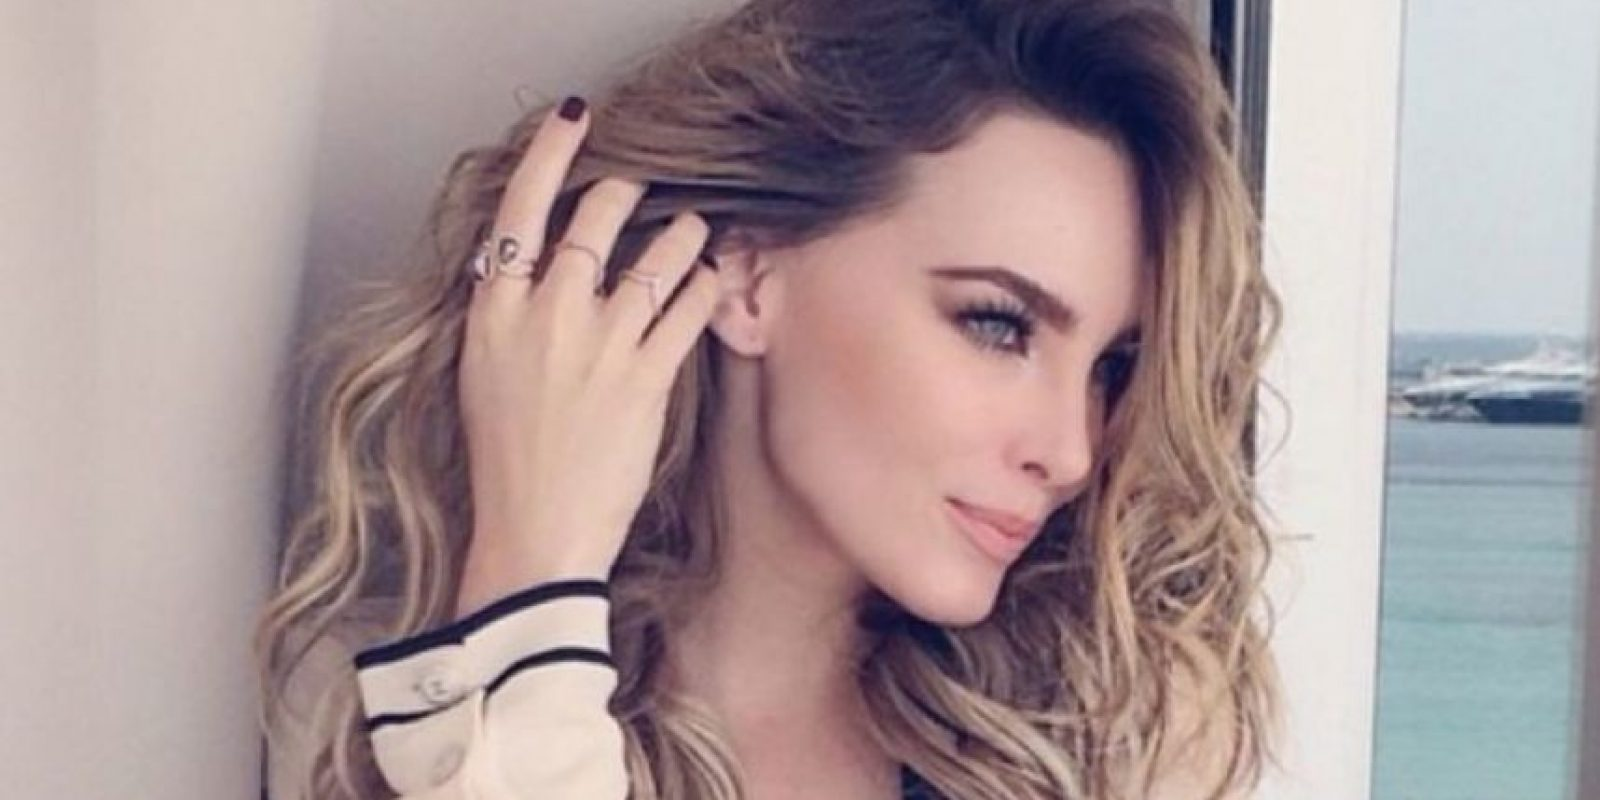 Esta no ha sido la única polémica por la que la cantante pasa, ya que en la reciente visita del Papa Francisco a México, la cantante fue acusada de haber hecho enojar al Pontífice. Foto:Vía Instagram/@belindapop